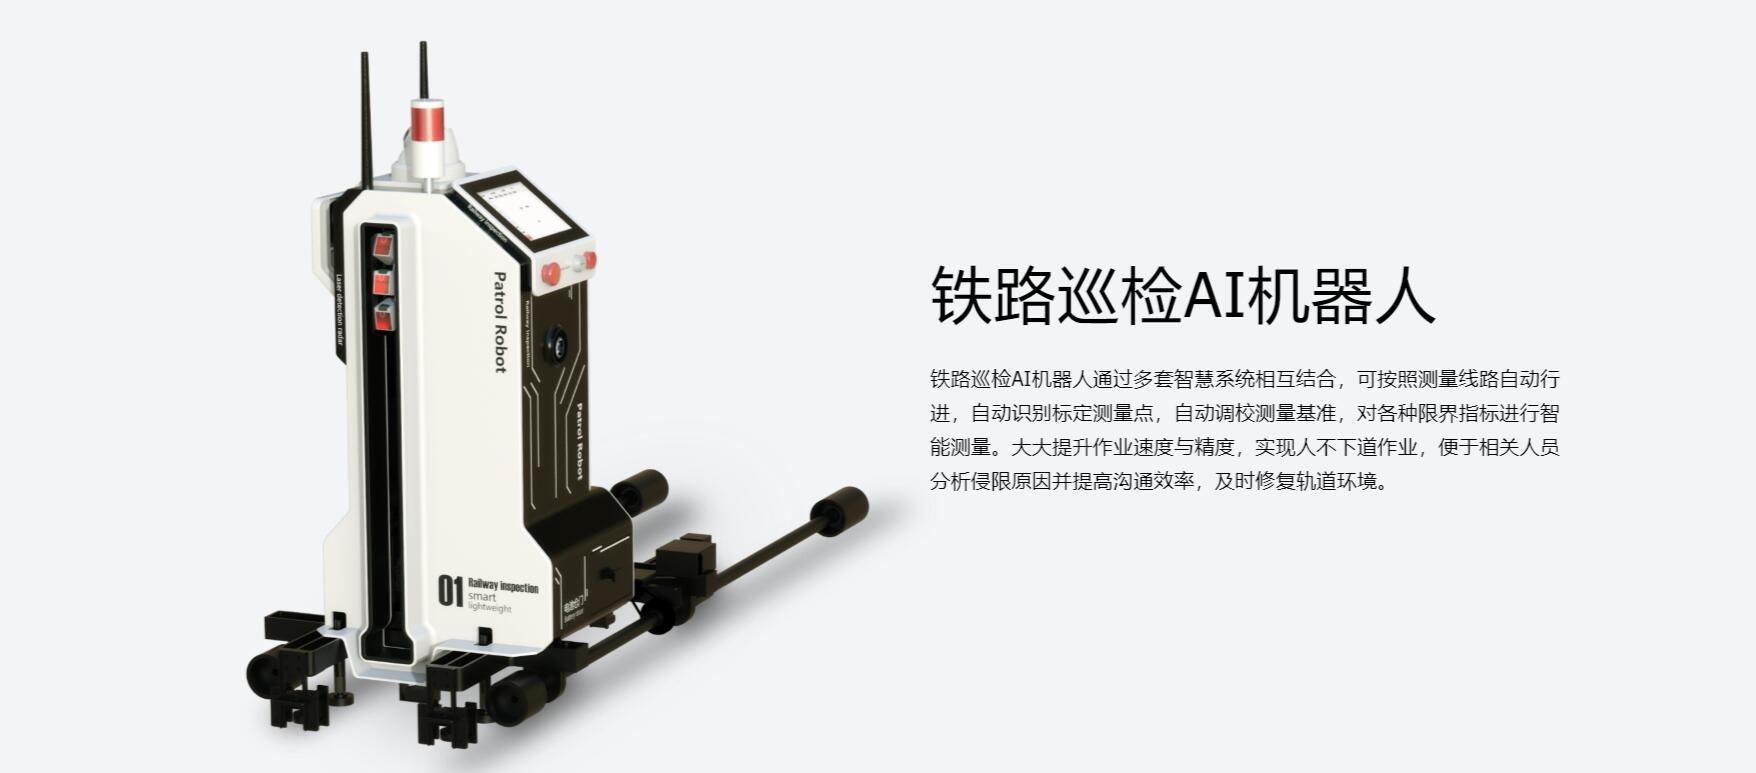 铁路巡检AI机器人